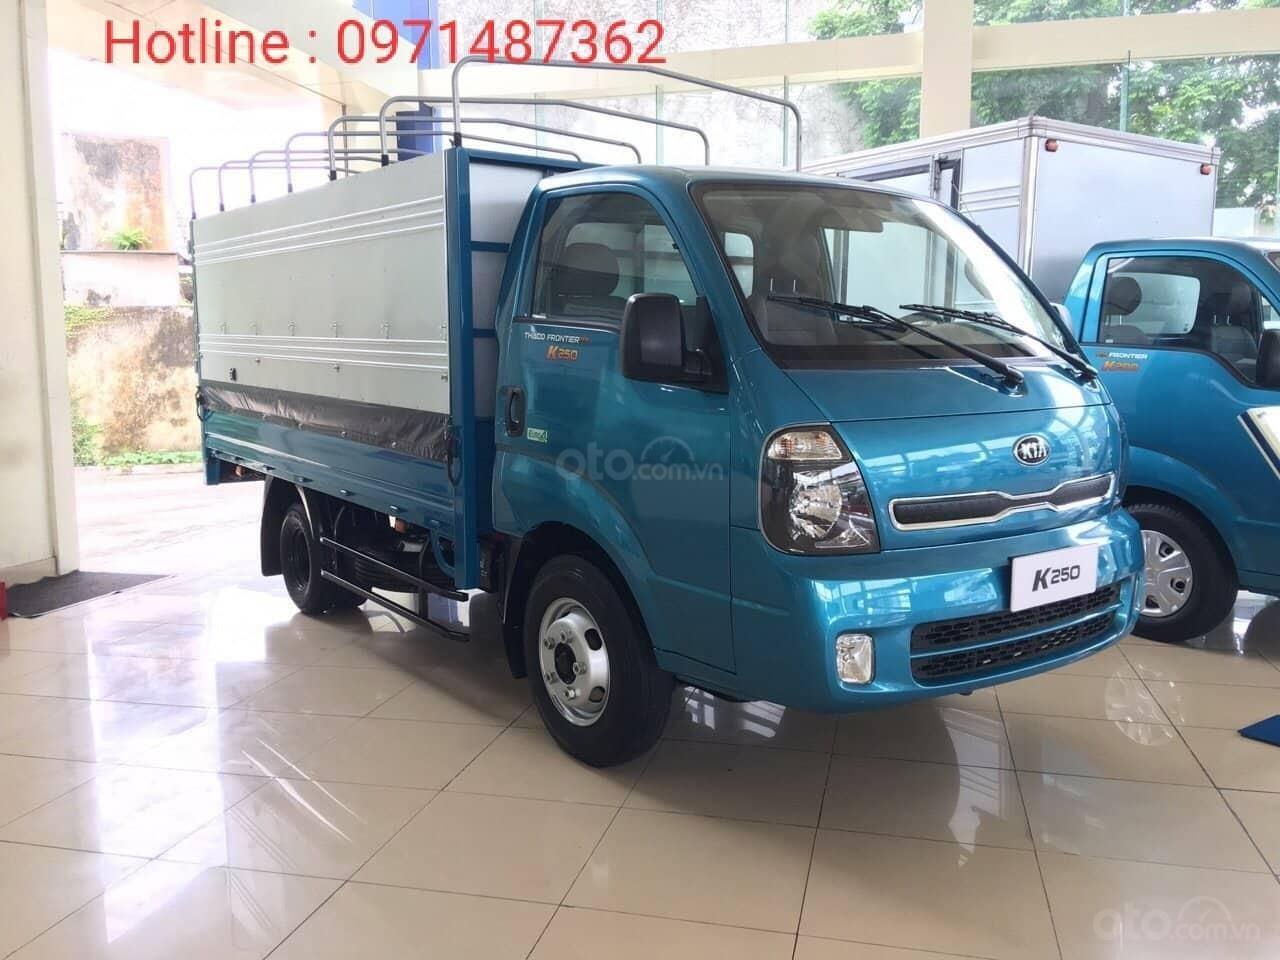 Báo giá xe tải 1 tấn 2 tấn 1 tấn rưỡi Kia K200 giá siêu tốt trả góp tối 120tr lấy xe, tải trọng đa dạng đời 2020 (1)